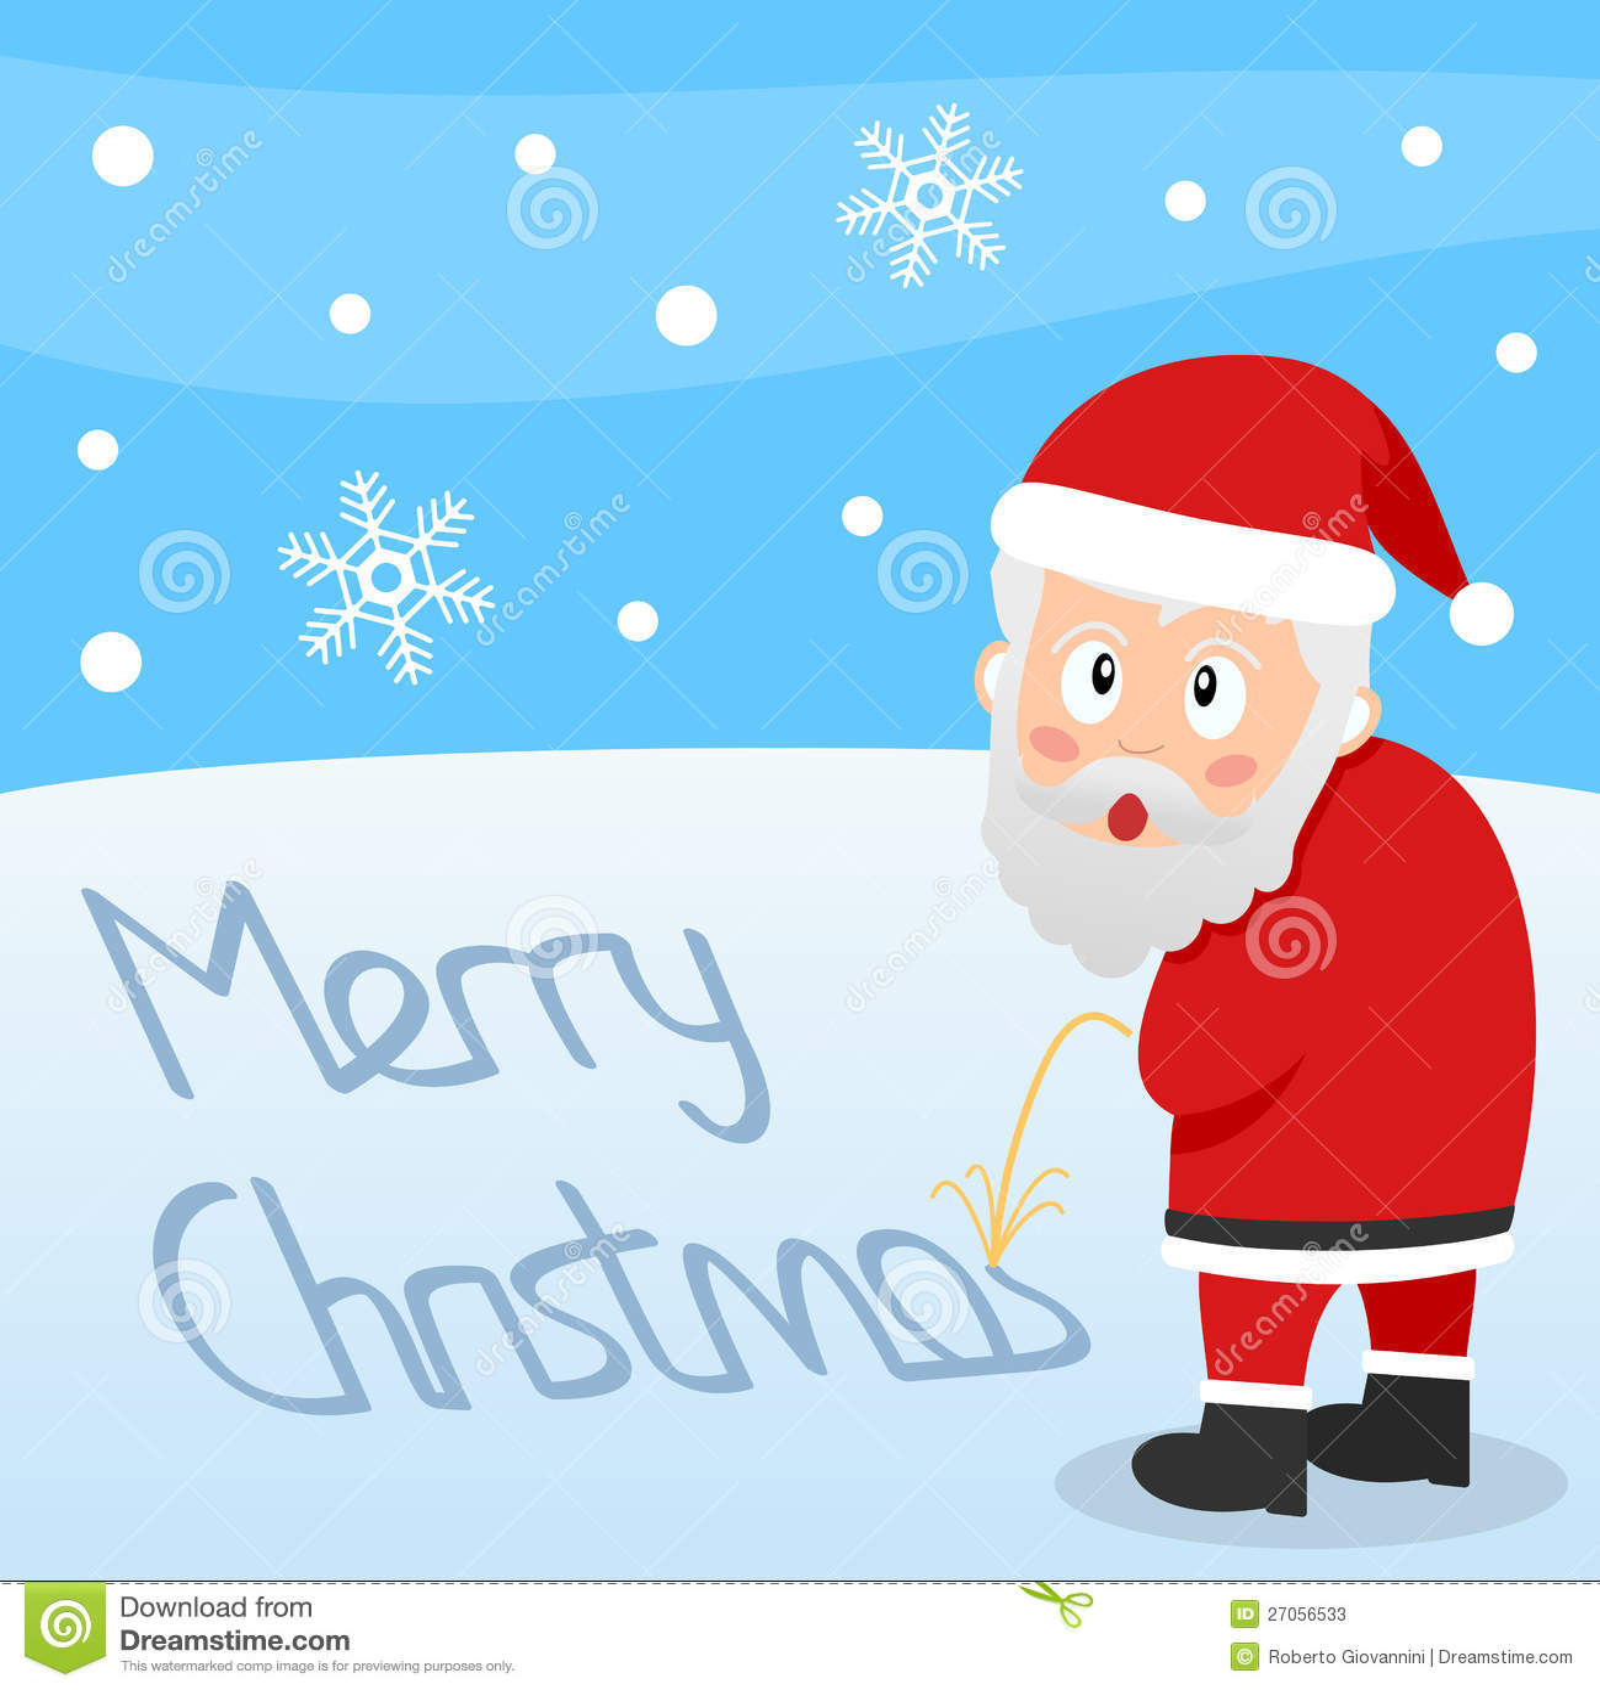 Frohe Weihnachten Weihnachtsmann Vektor Abbildung - Illustration von ...